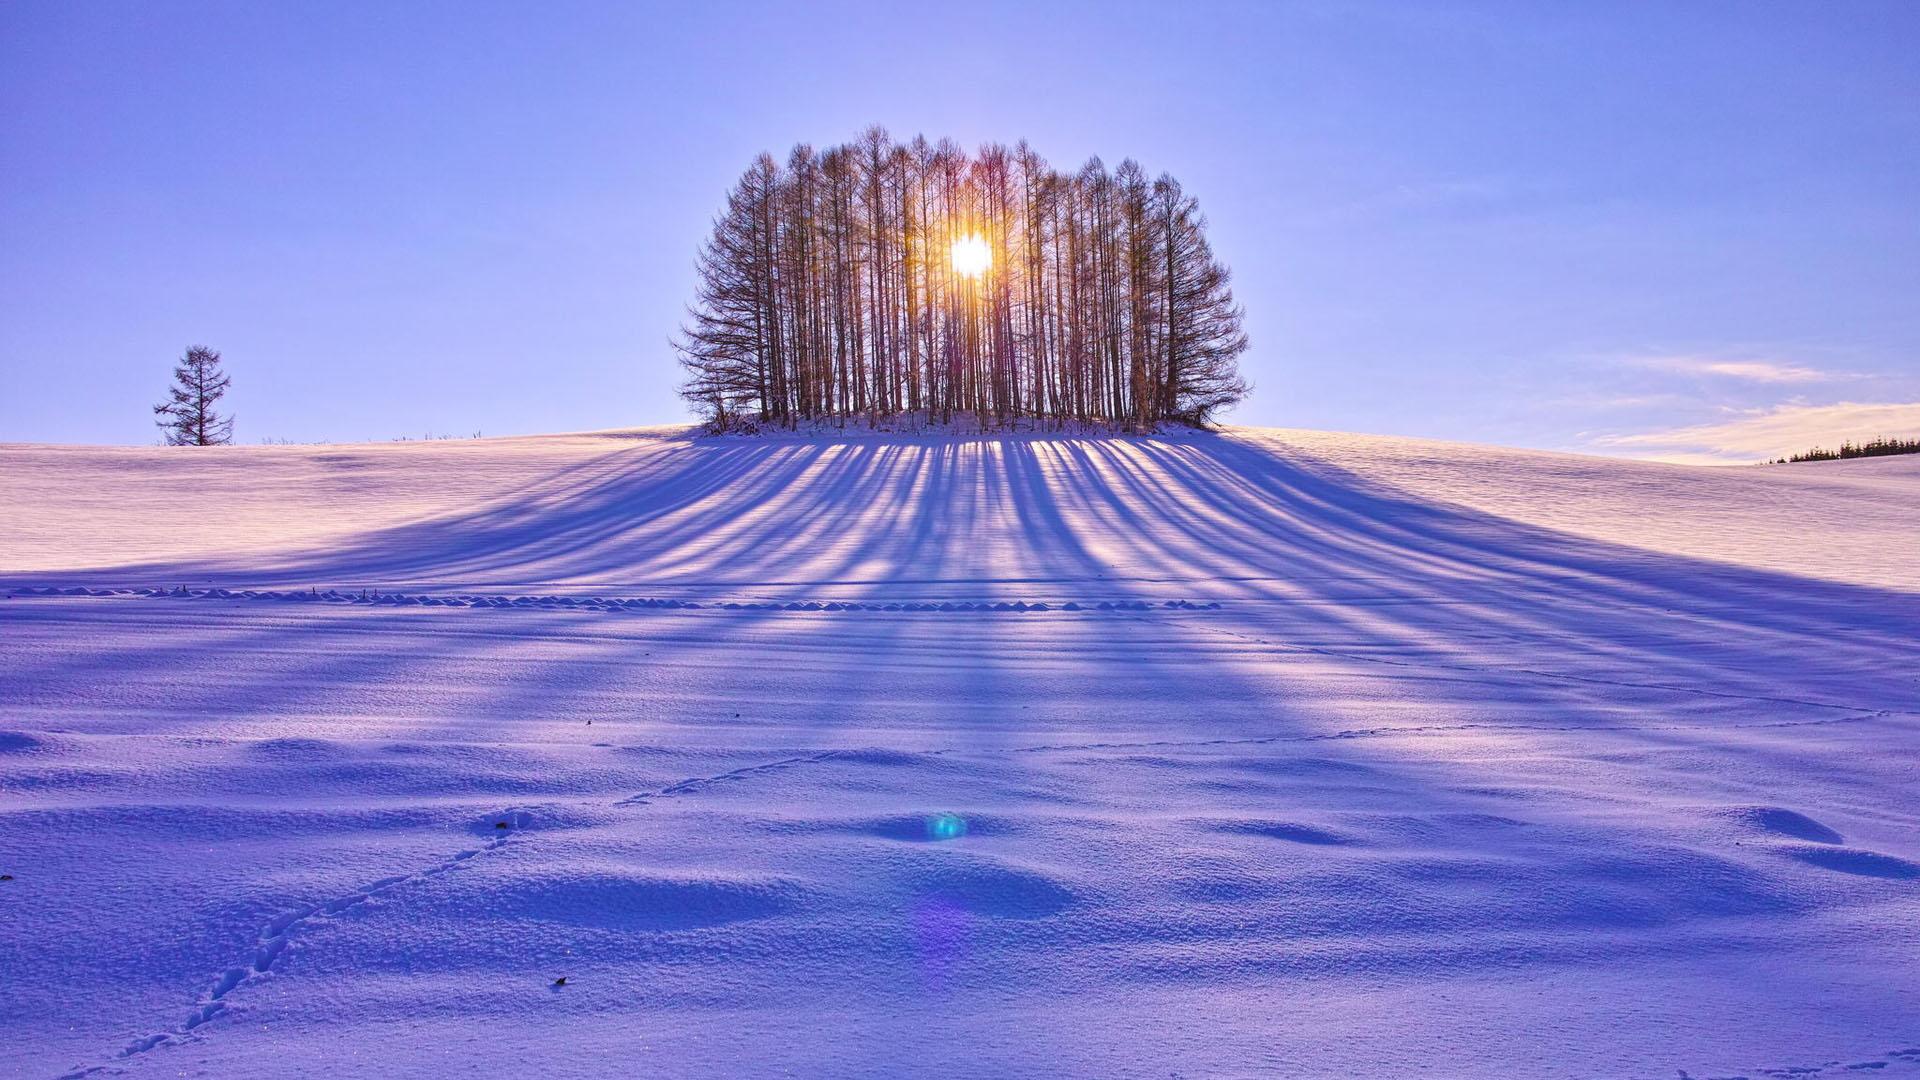 Hình nền mùa đông buổi sáng